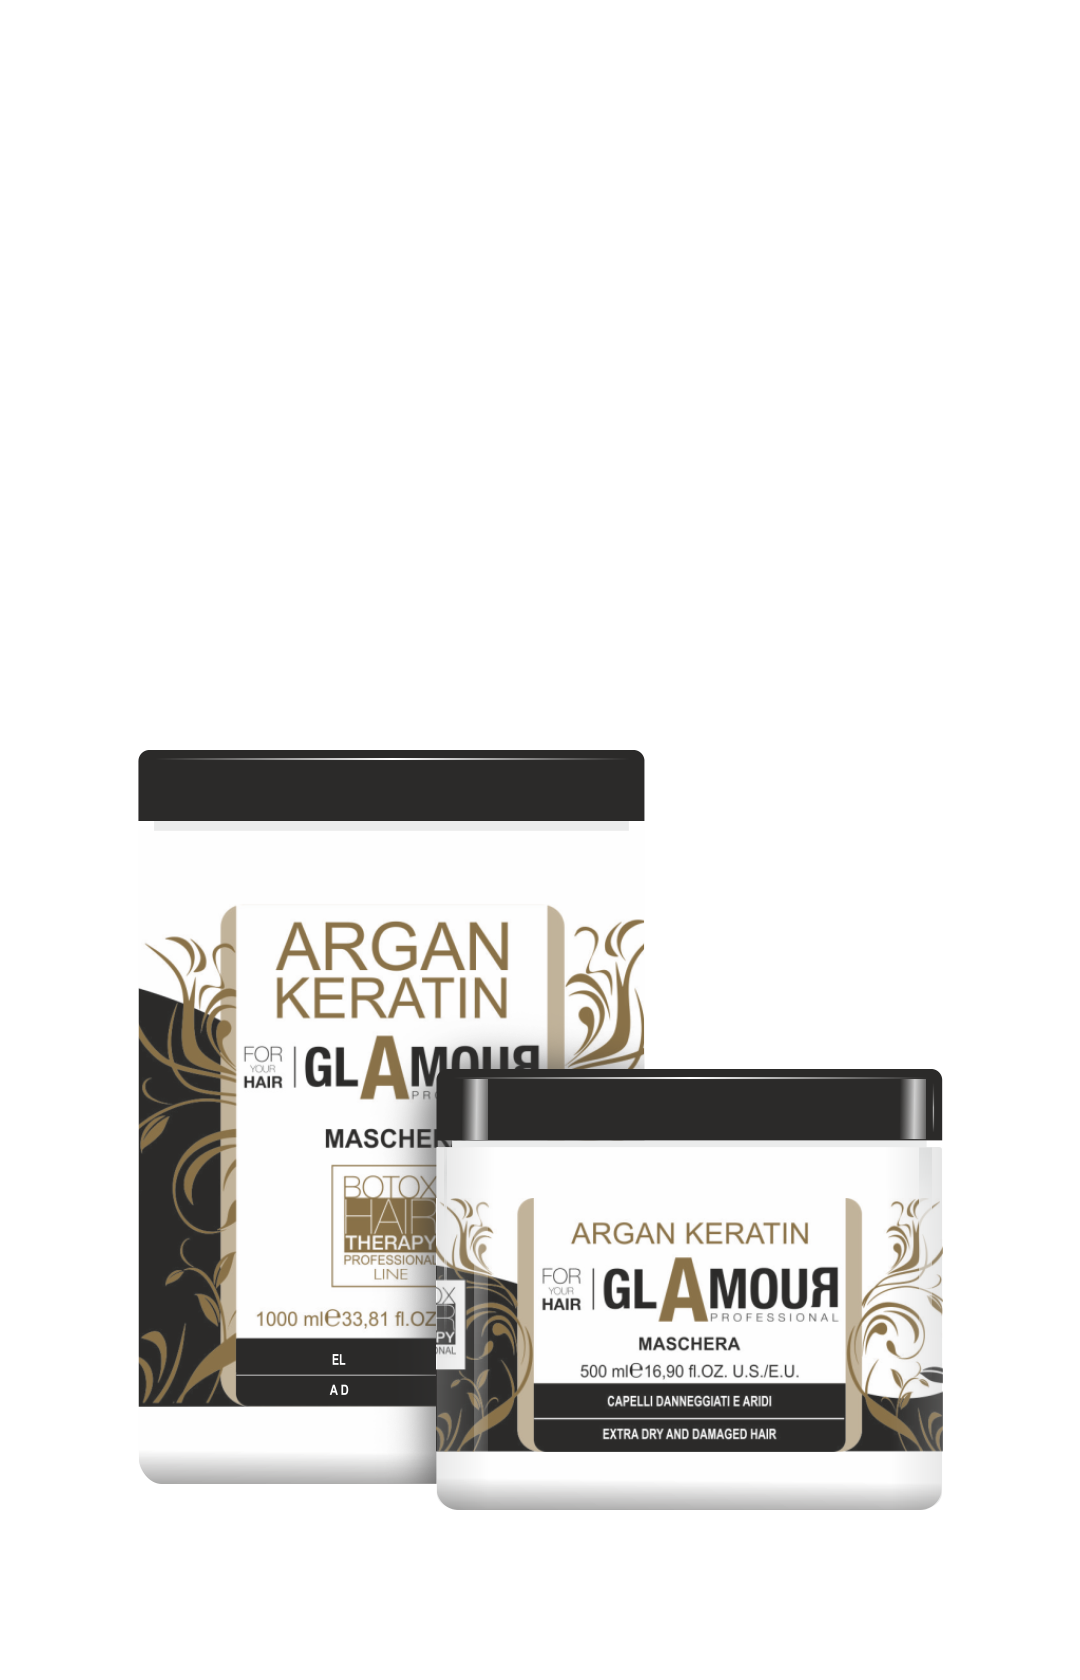 Maschera ultra idratante all'Olio di Argan e Keratina per capelli danneggiati e sfibrati. Ripara, rivitalizza e protegge dai danni atmosferici e dai trattamenti chimici.